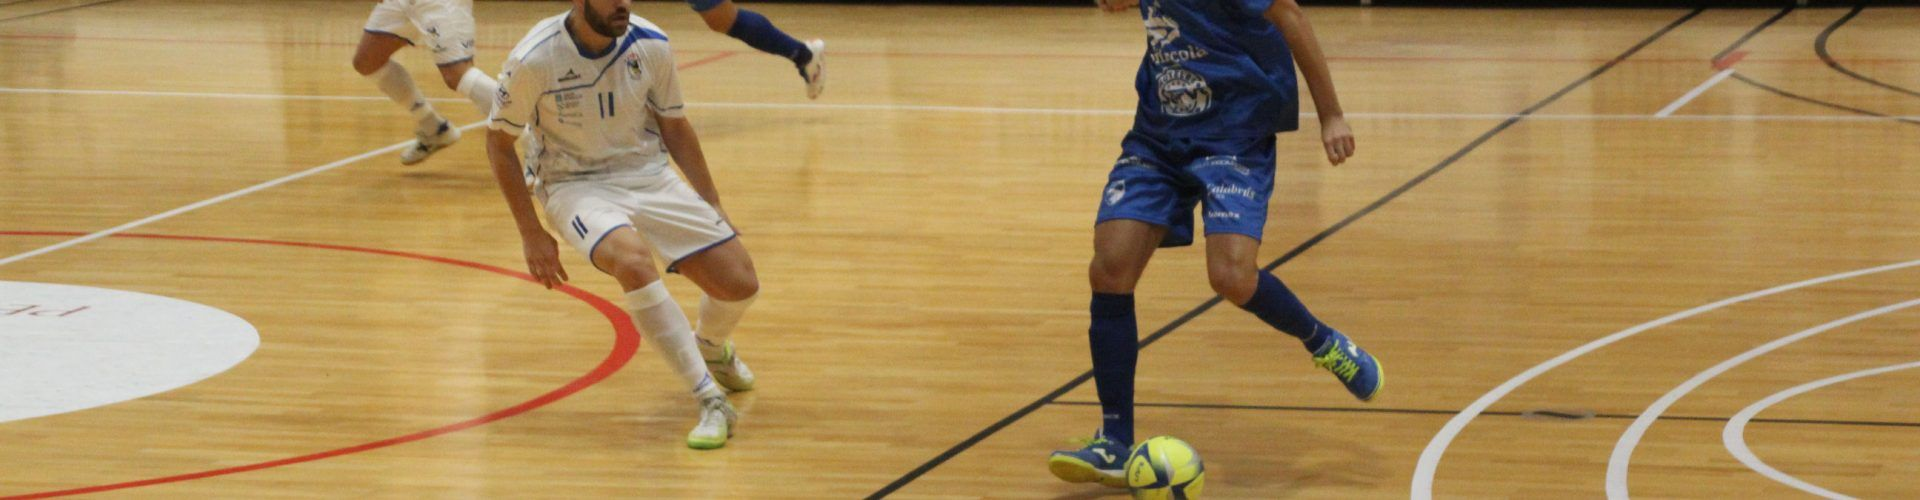 El Servigroup Peñíscola se estrena con victoria en casa tras remontar un 0-2